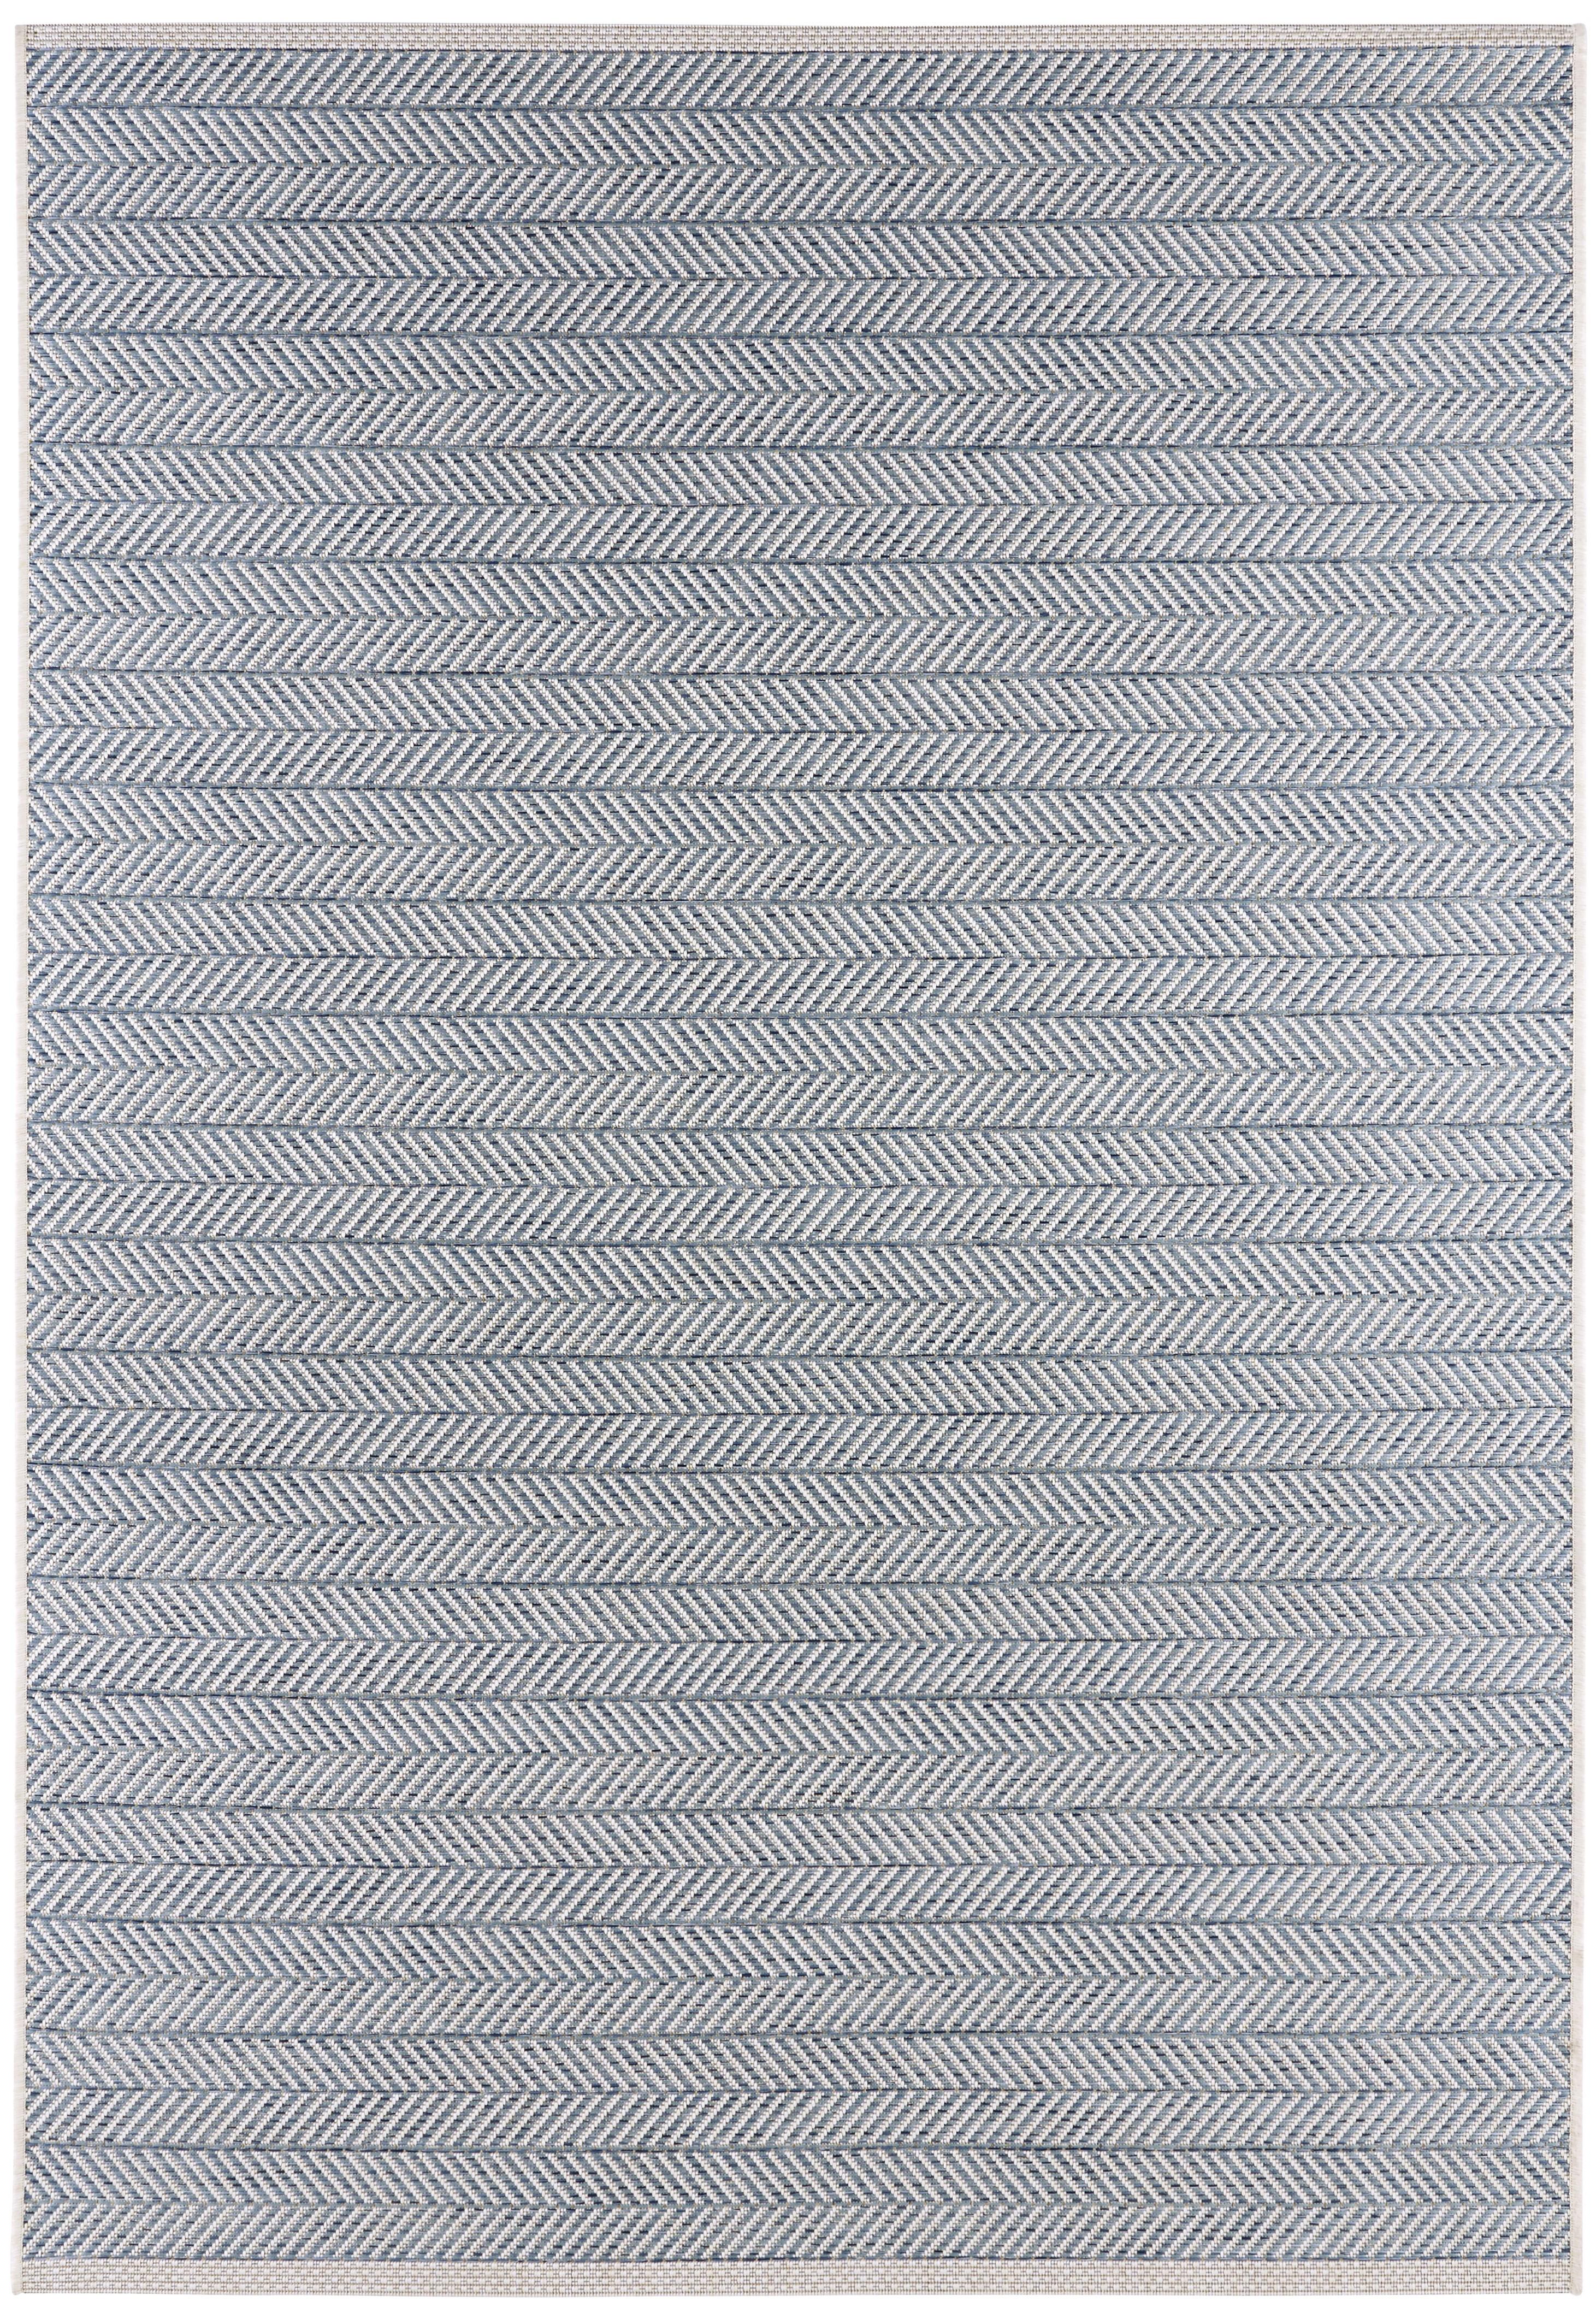 Bougari - Hanse Home koberce Kusový koberec Botany Aqua Blue 103307 - 140x200 cm